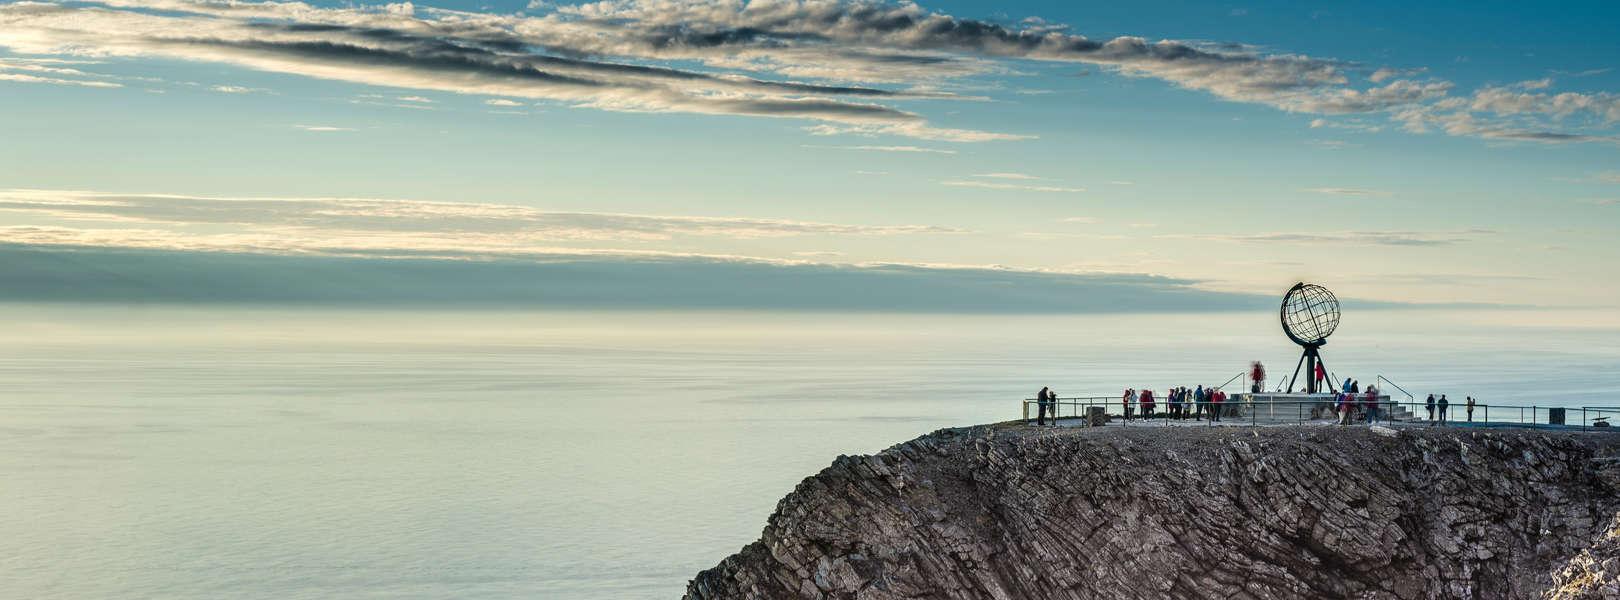 Blick auf den Nordkap in Norwegen